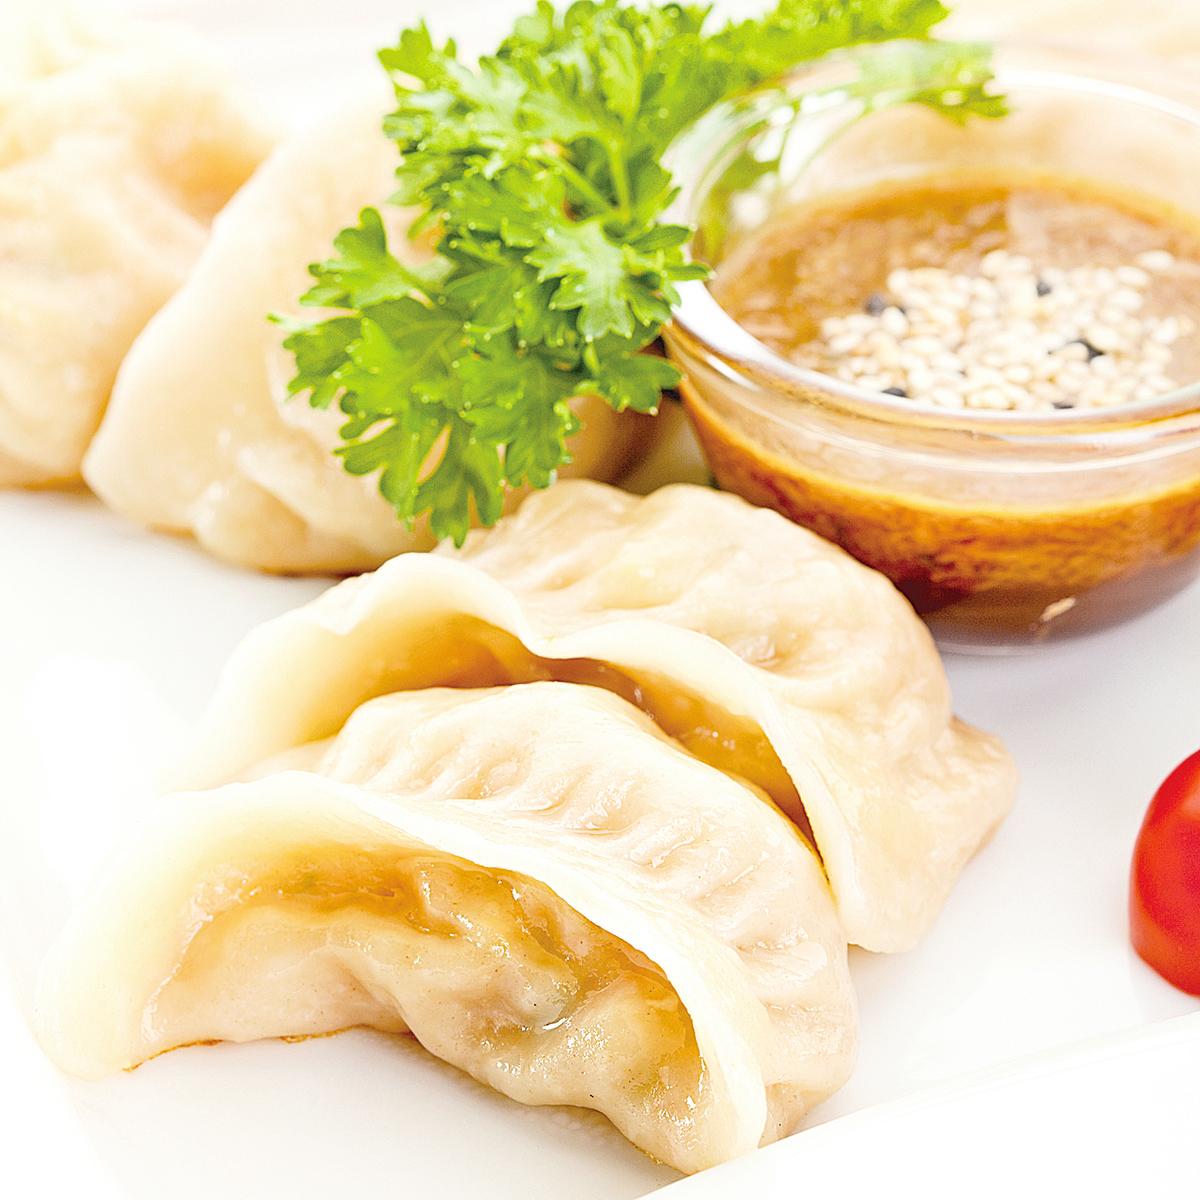 高質素的肉類和蔬菜是美味餃子的唯一食材。